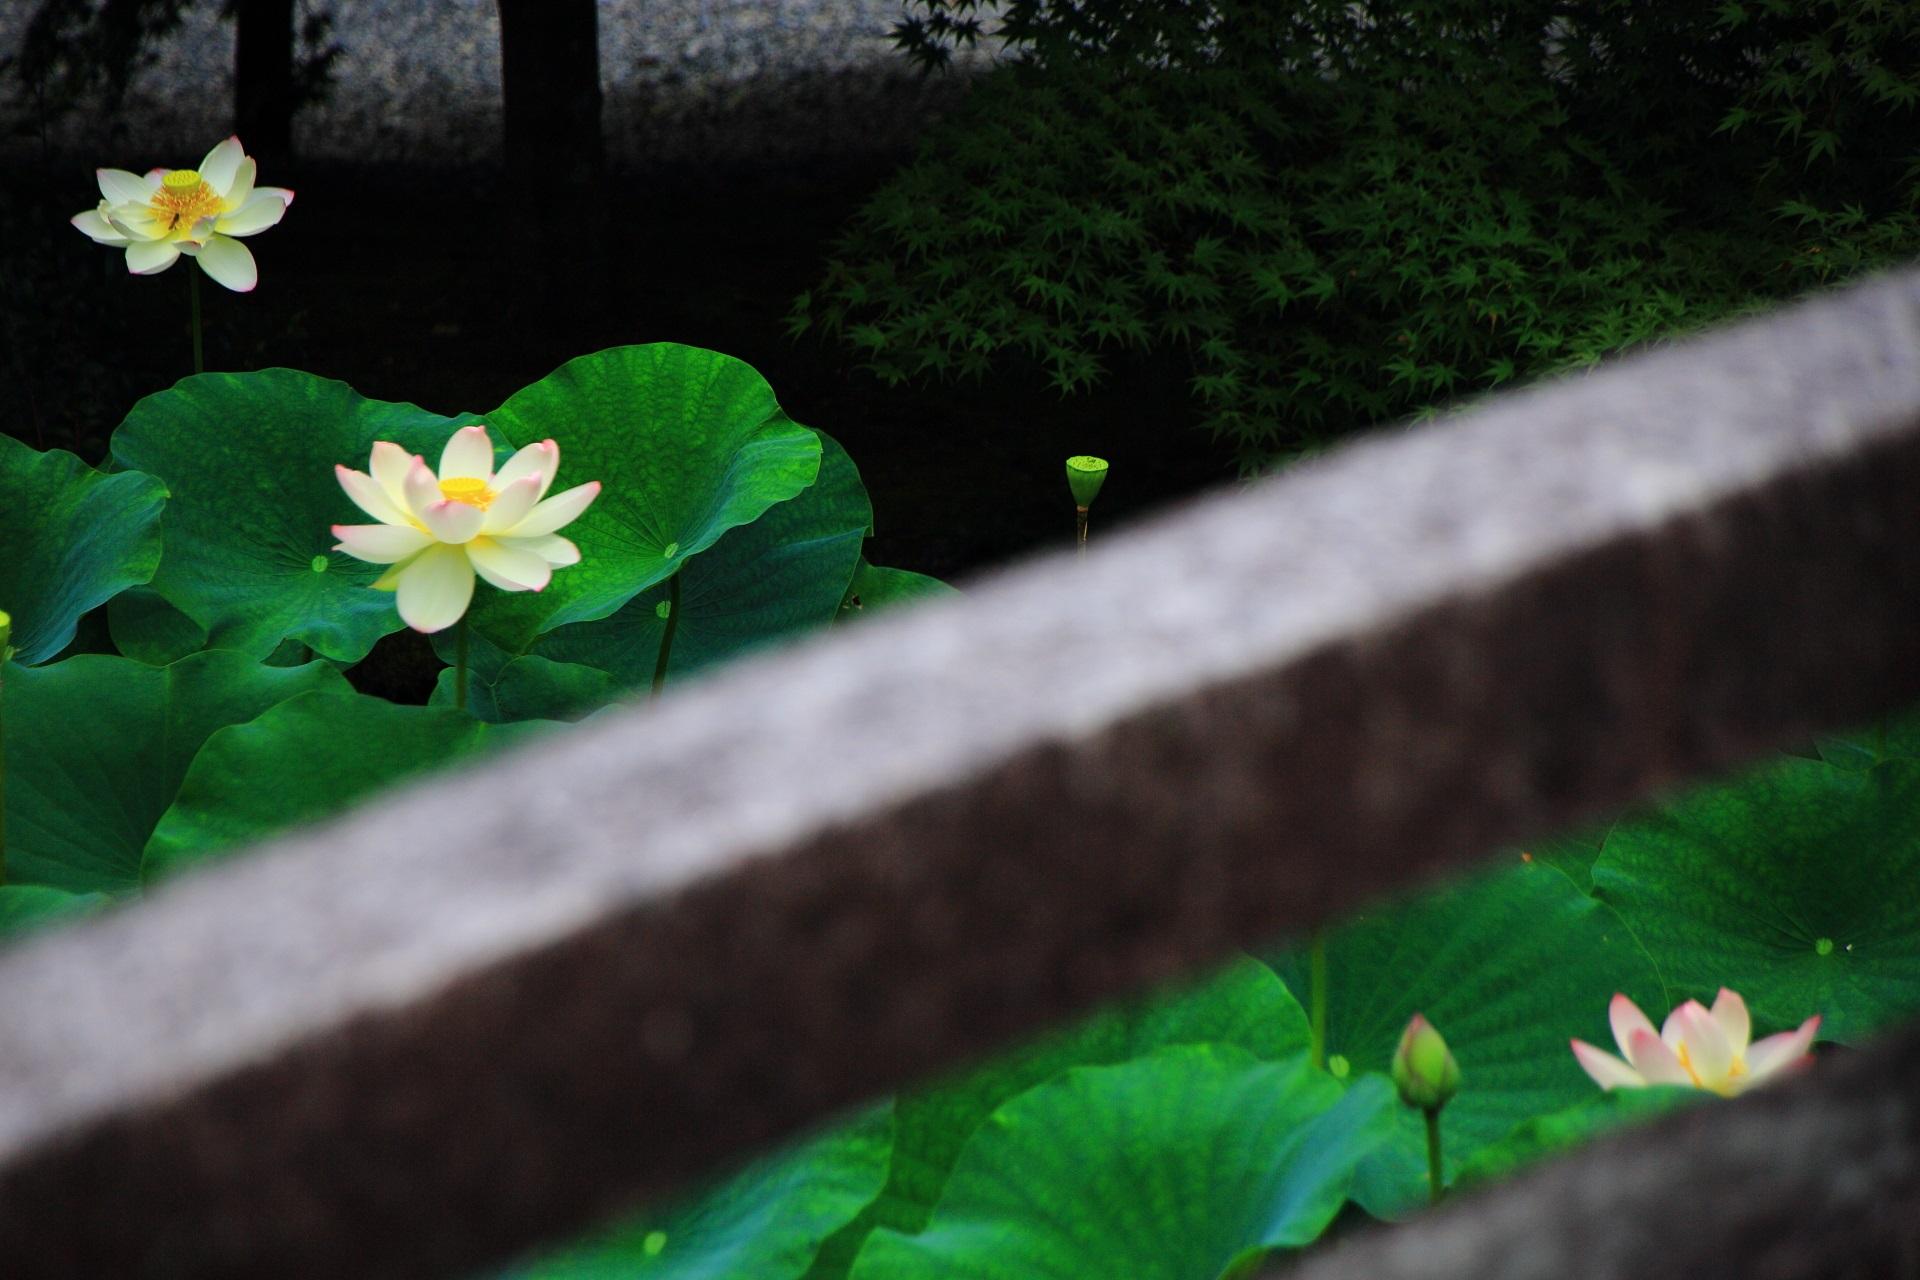 風情も感じられる知恩院の絵になる蓮の風景